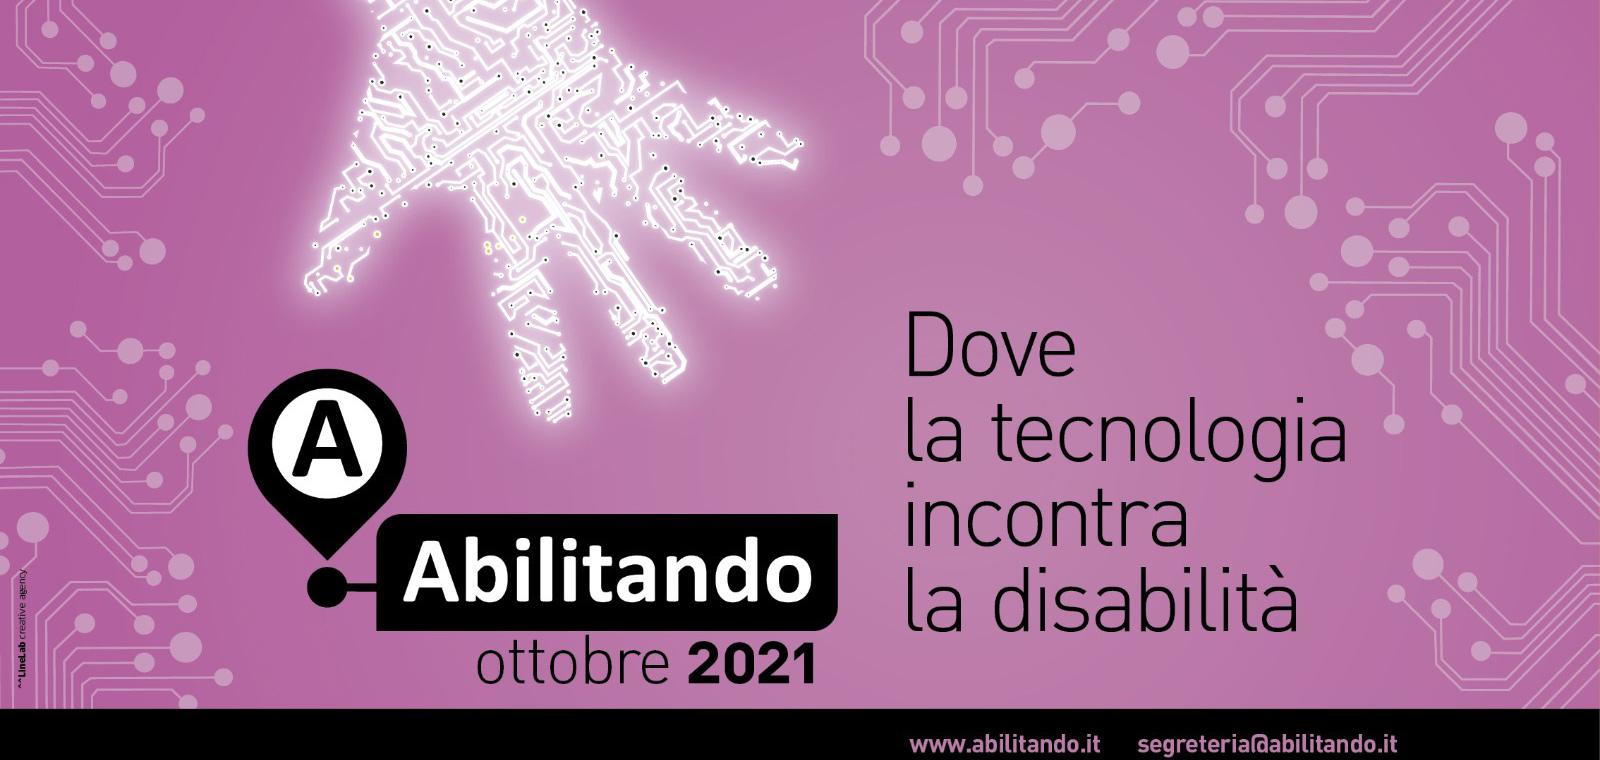 ABILITANDO TORNERA' PRESTO CON UN SITO WEB COMPLETAMENTE NUOVO!